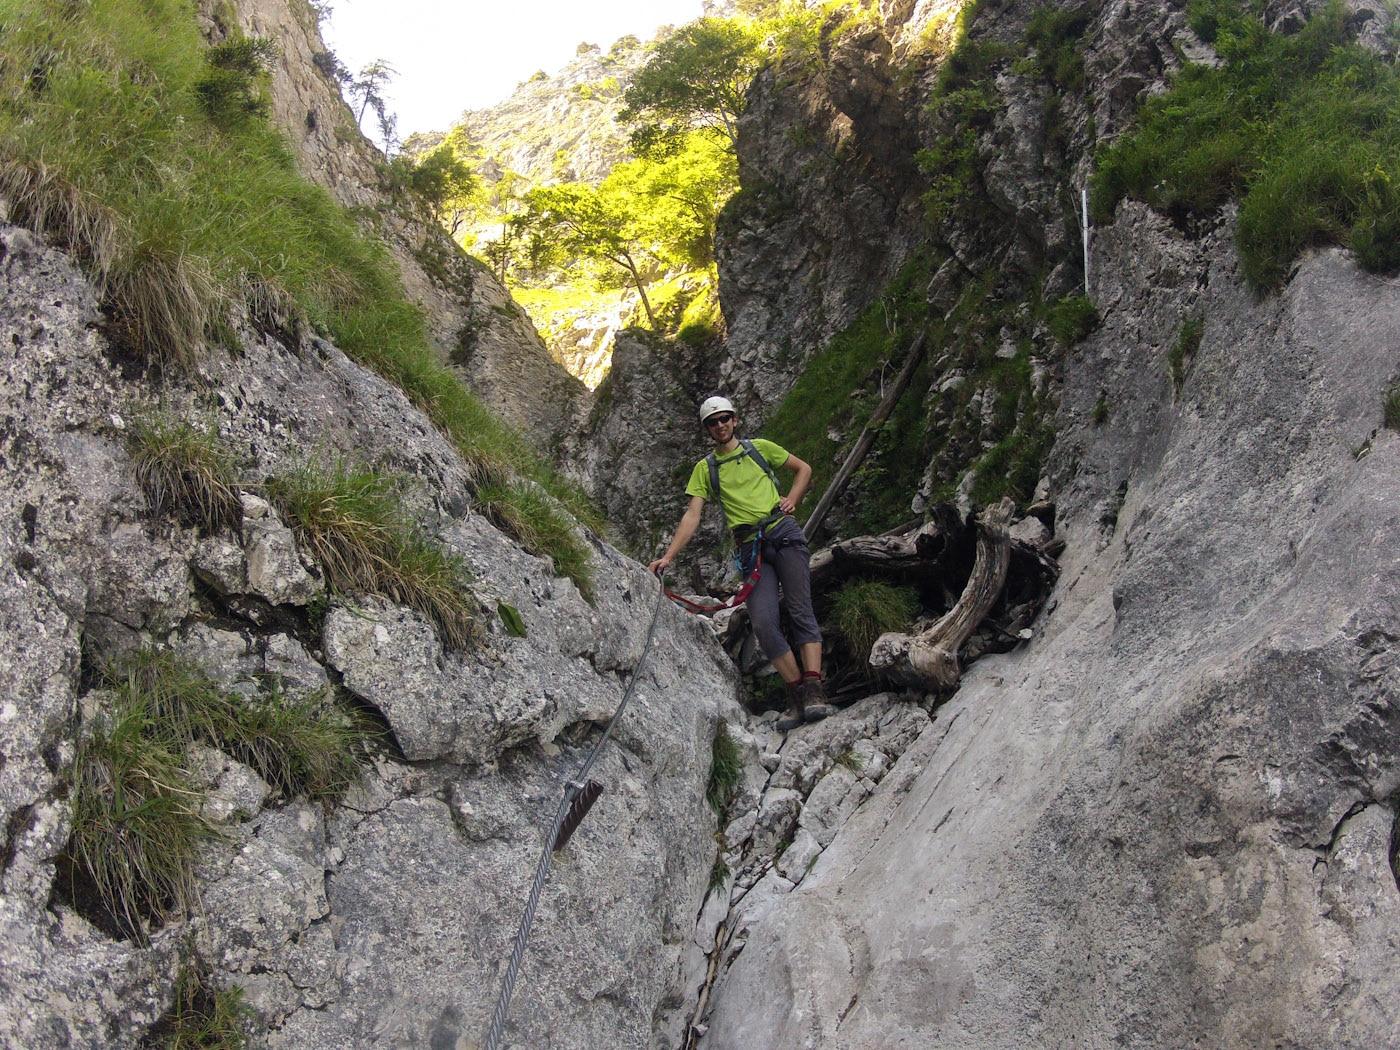 Klettersteig Mondsee : Check der drachenwand klettersteig c d bergwelten